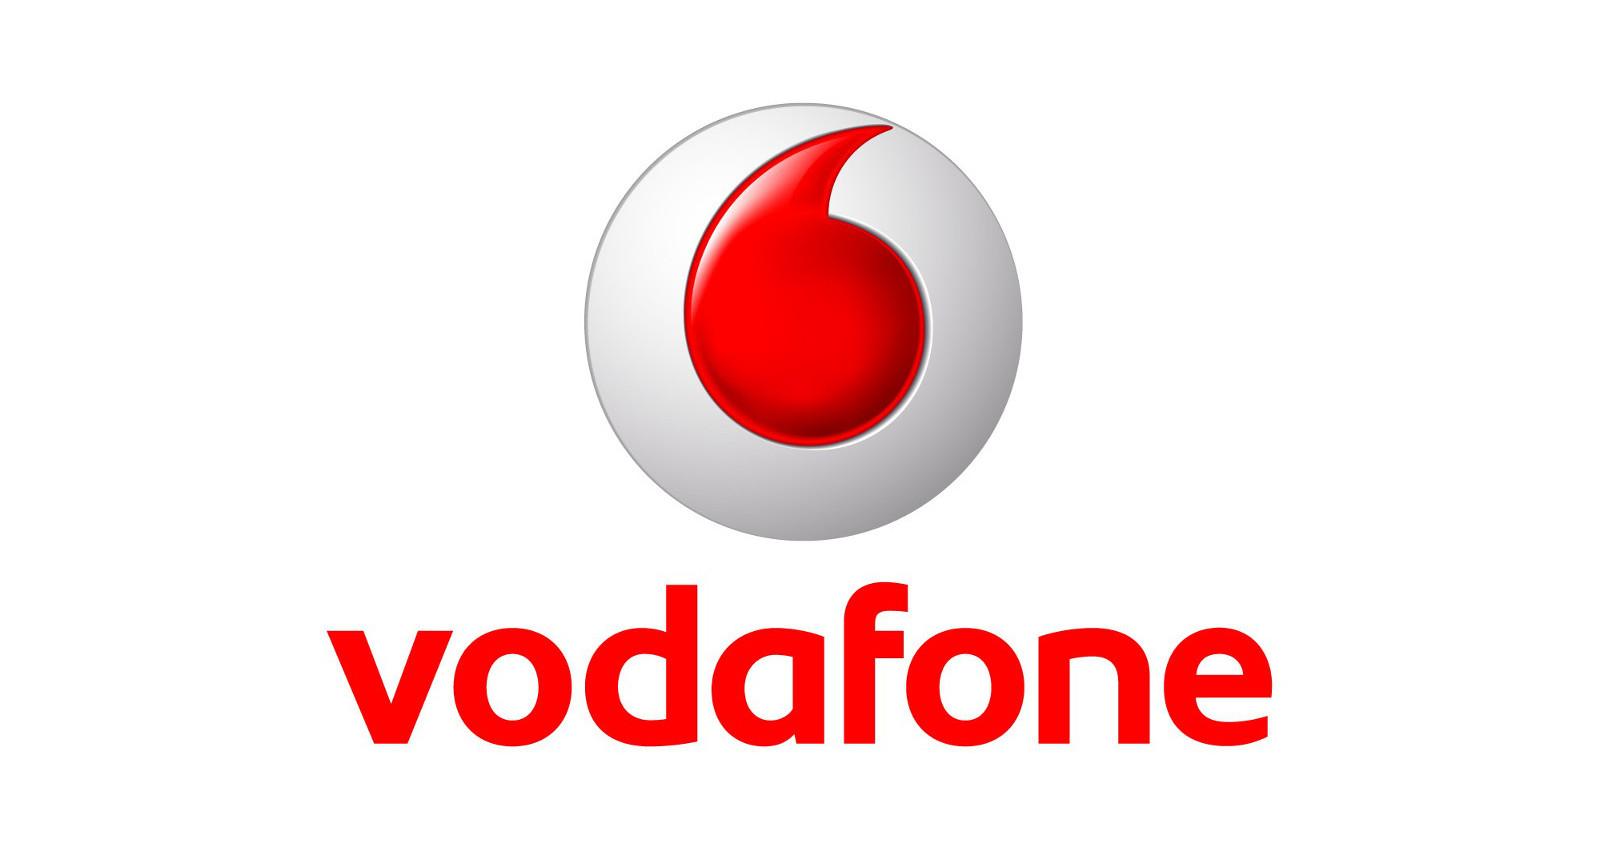 Das Vodafone Logo